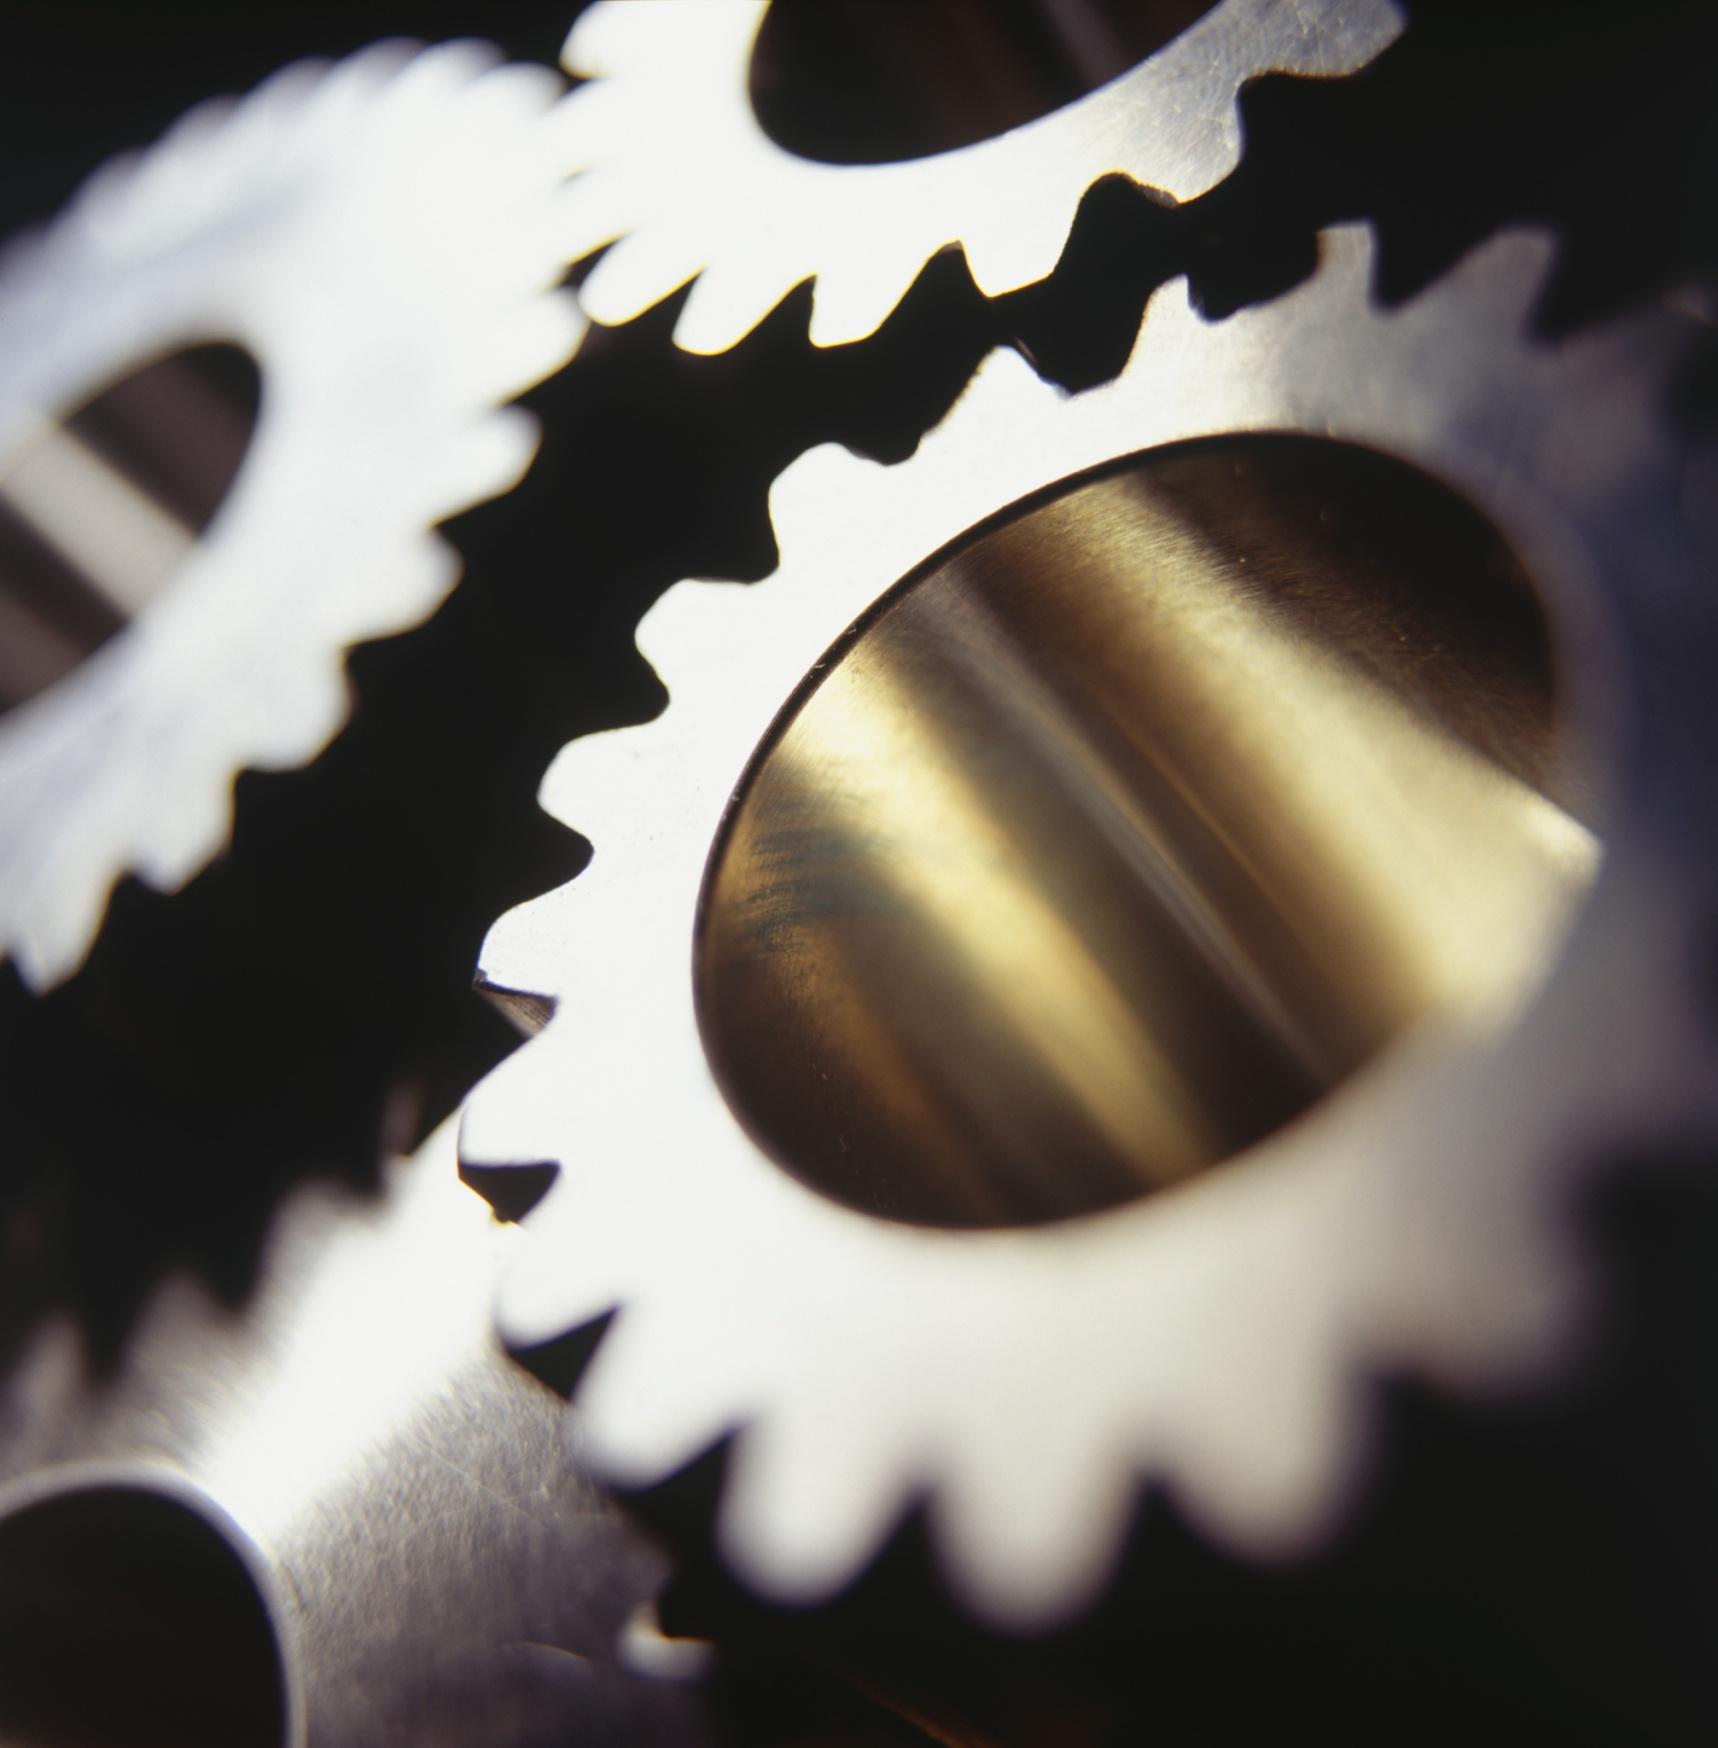 http://cdn2.hubspot.net/hubfs/32387/manufacturerscreateconsistentcontent.jpg